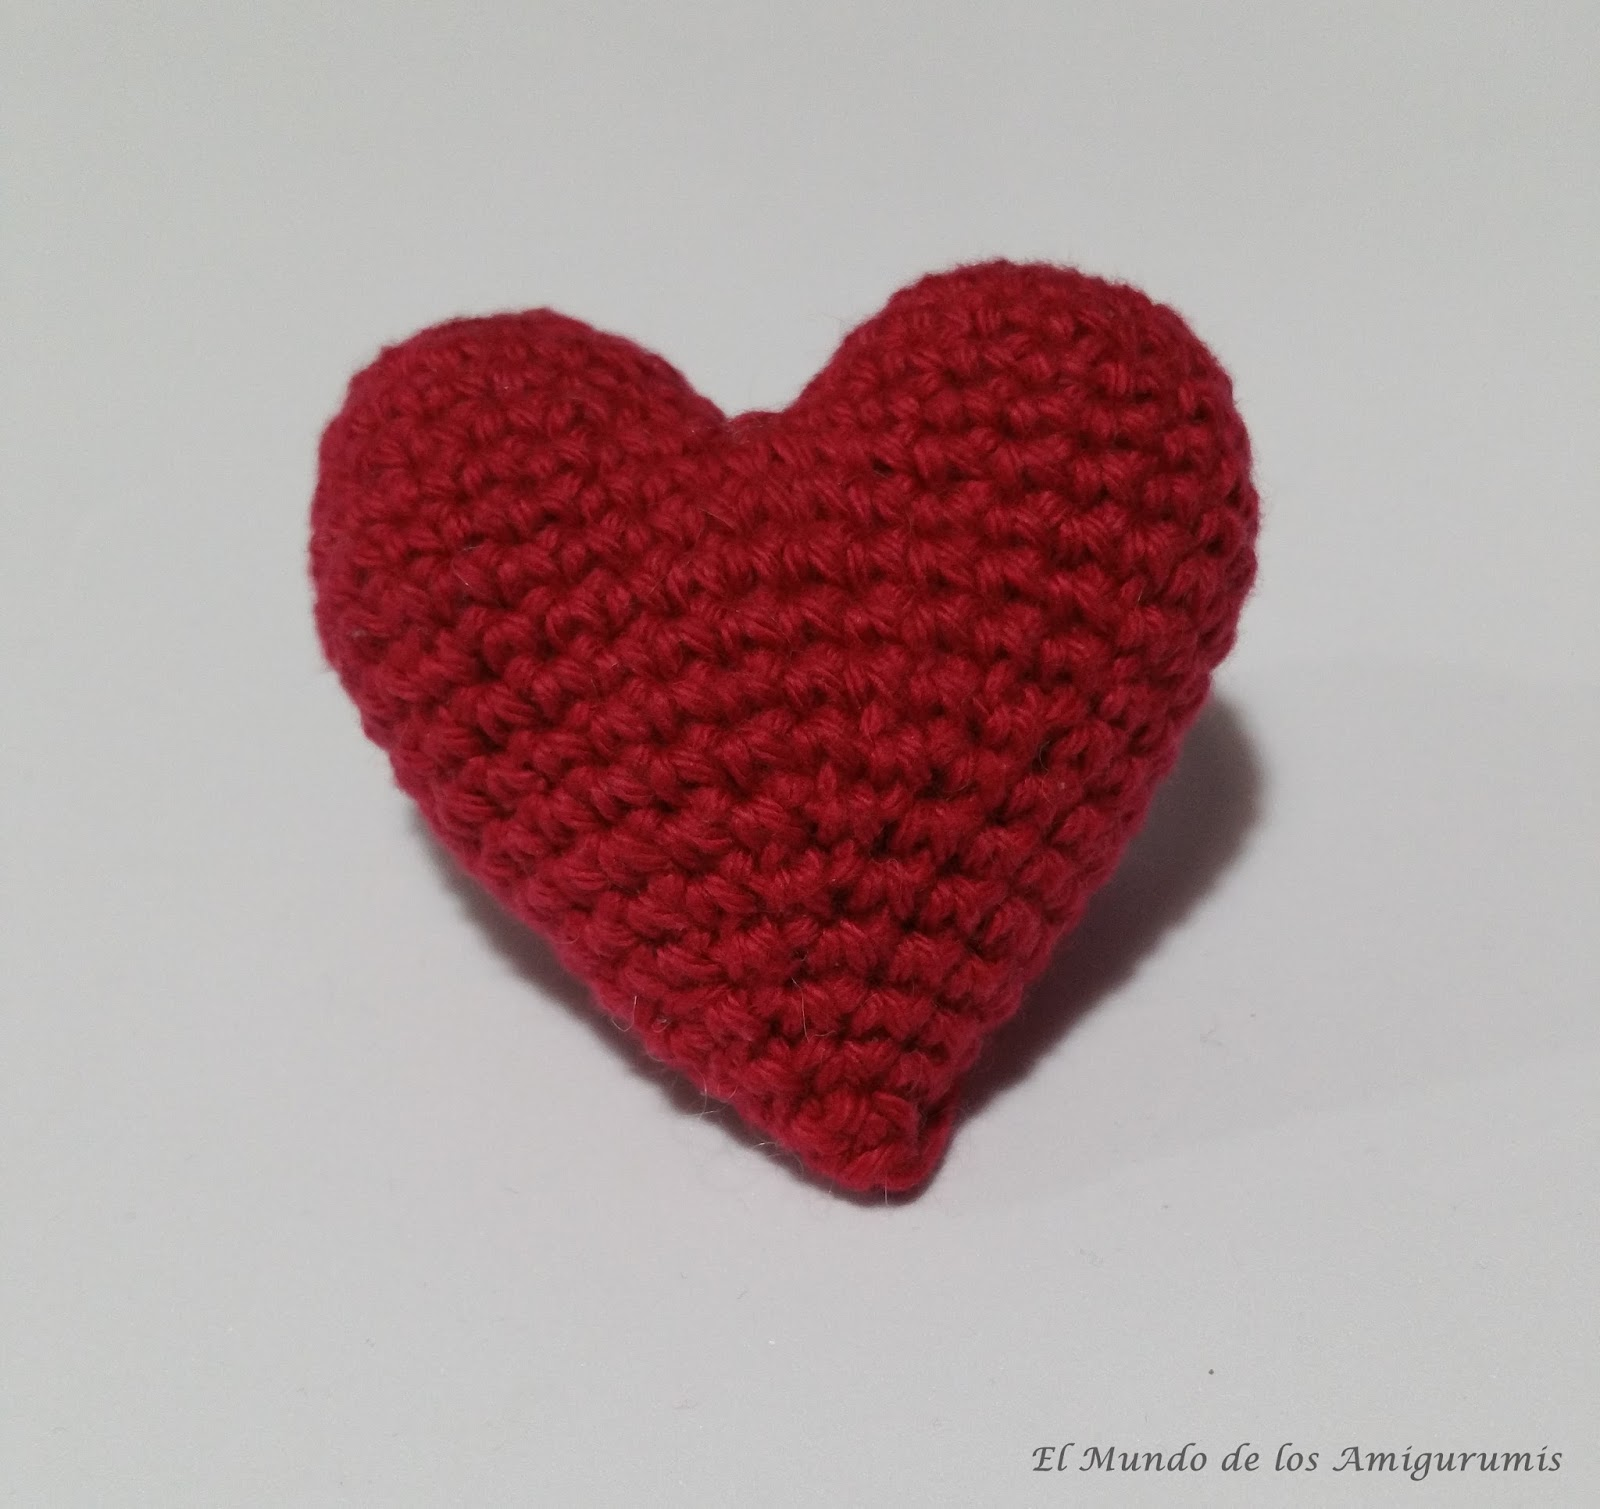 Lujoso Sashay Corazón Rojo Patrón De La Bufanda De Ganchillo Galería ...